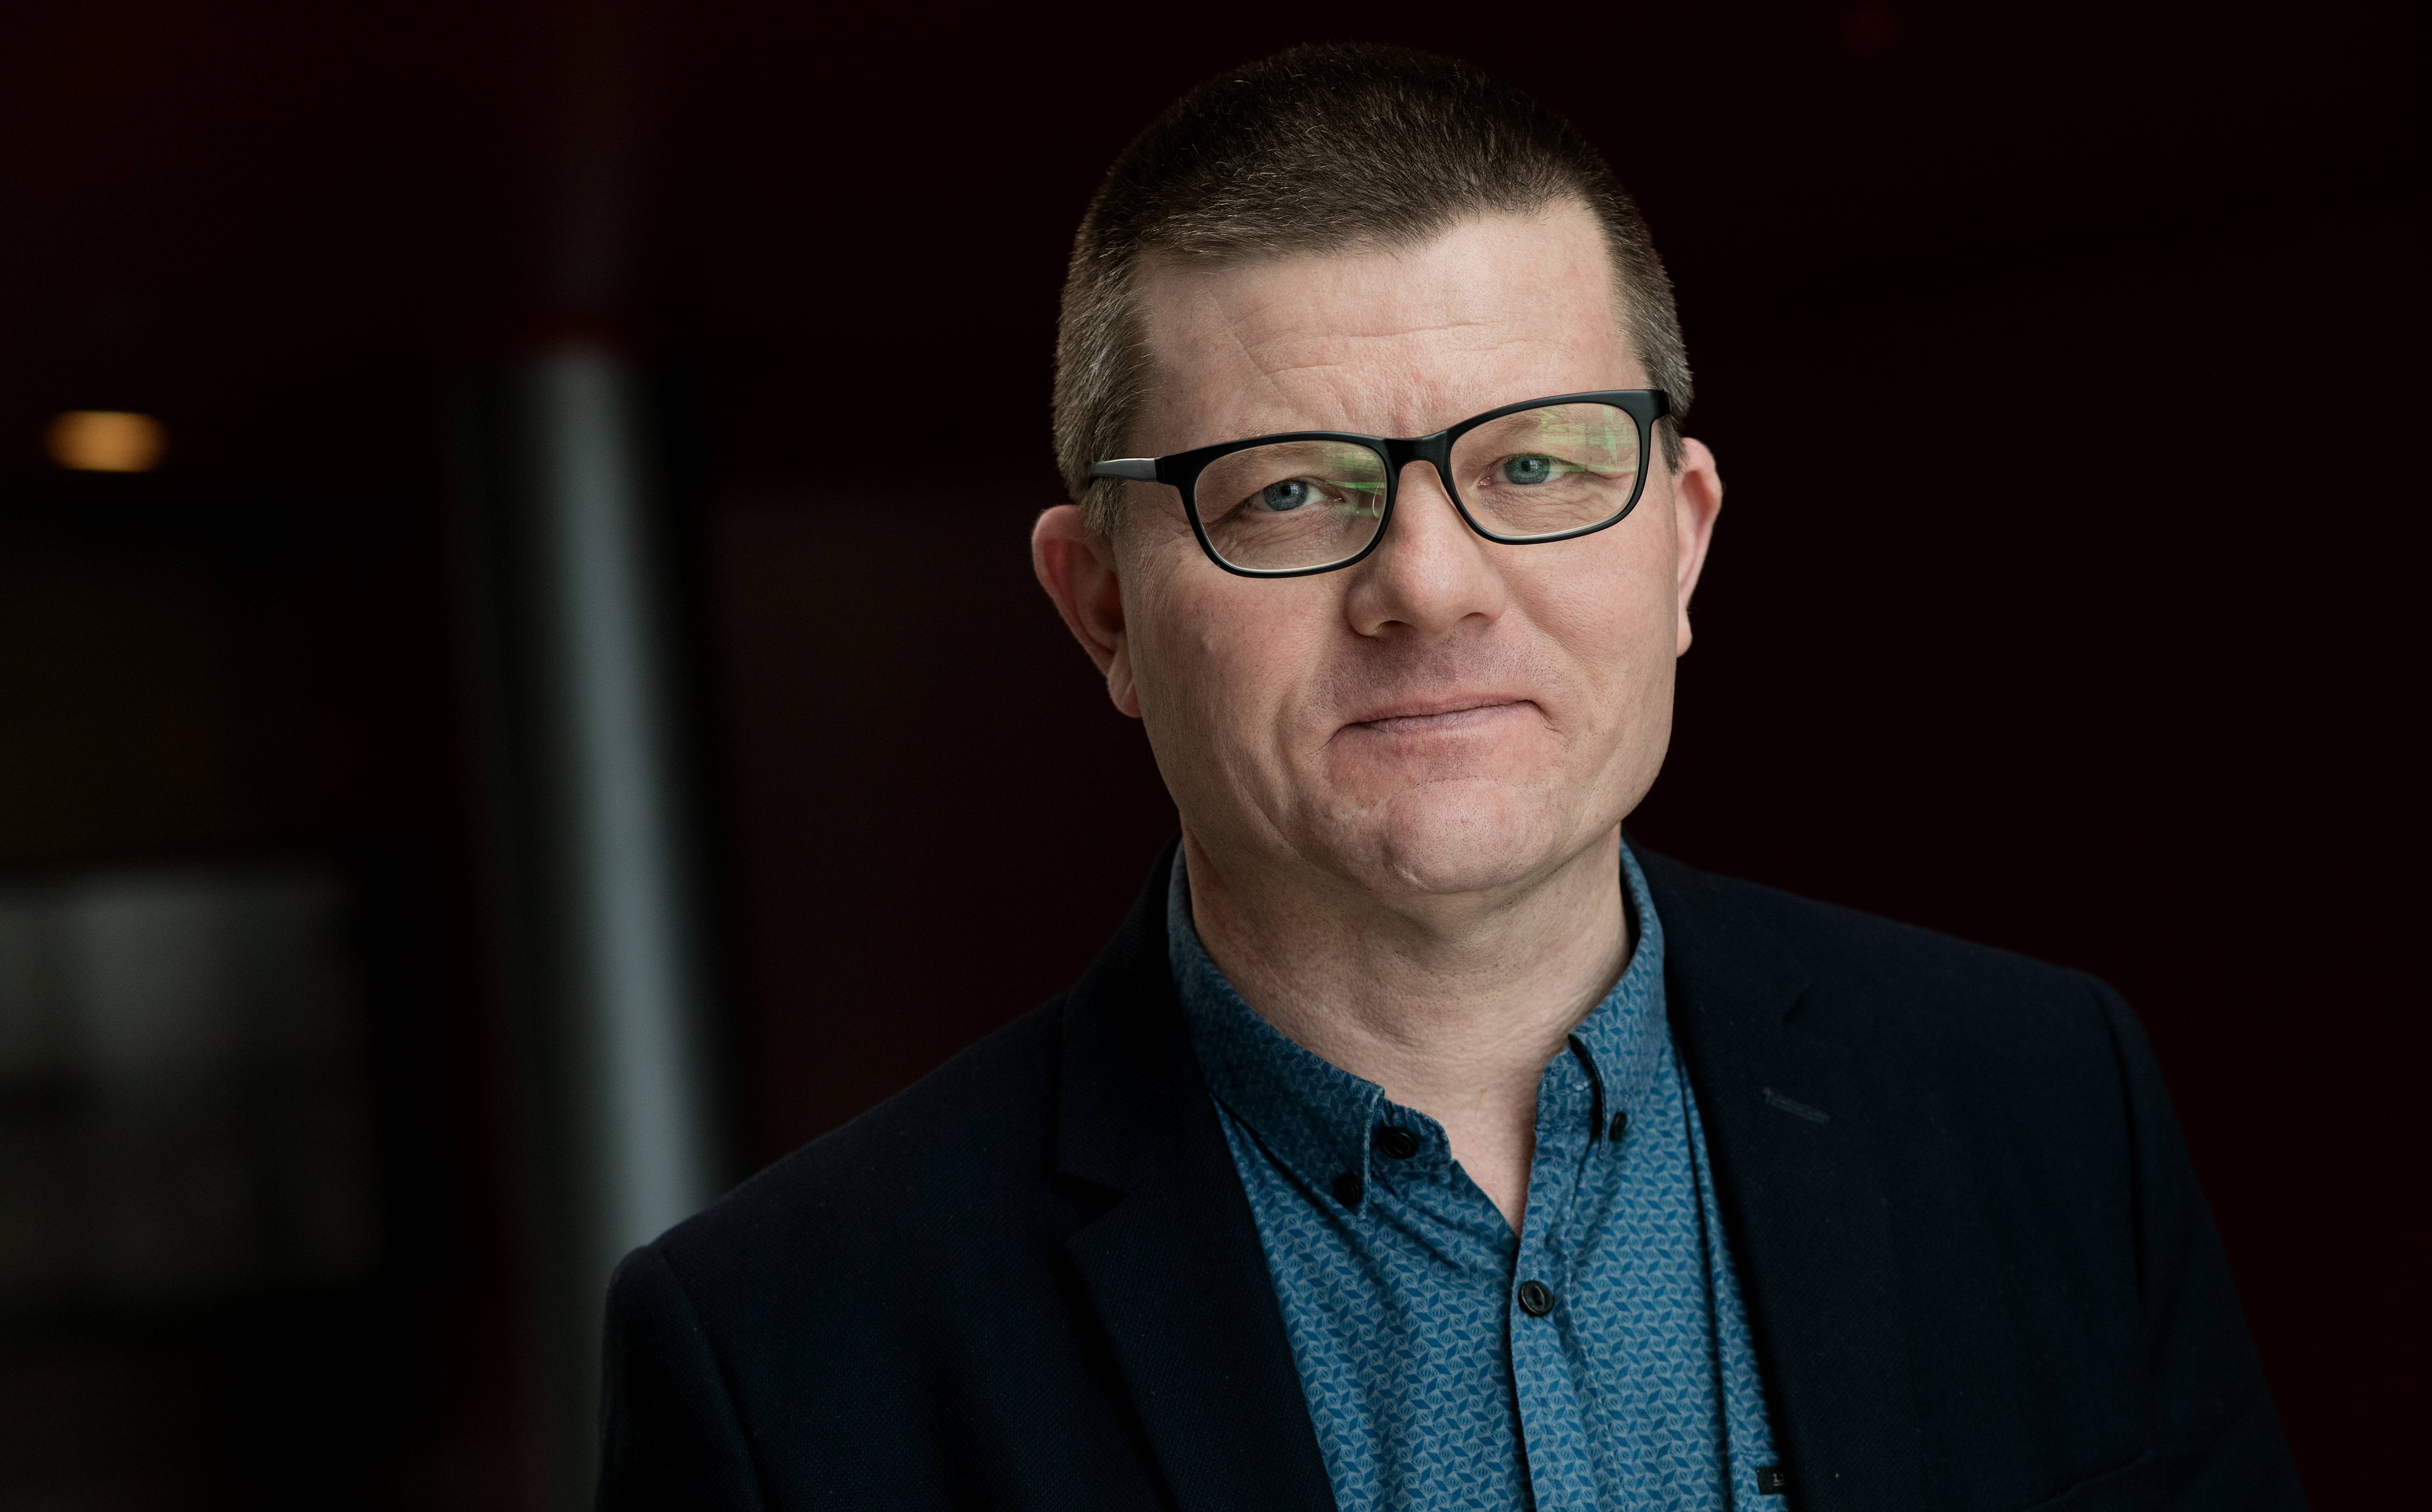 Jesper Termansen